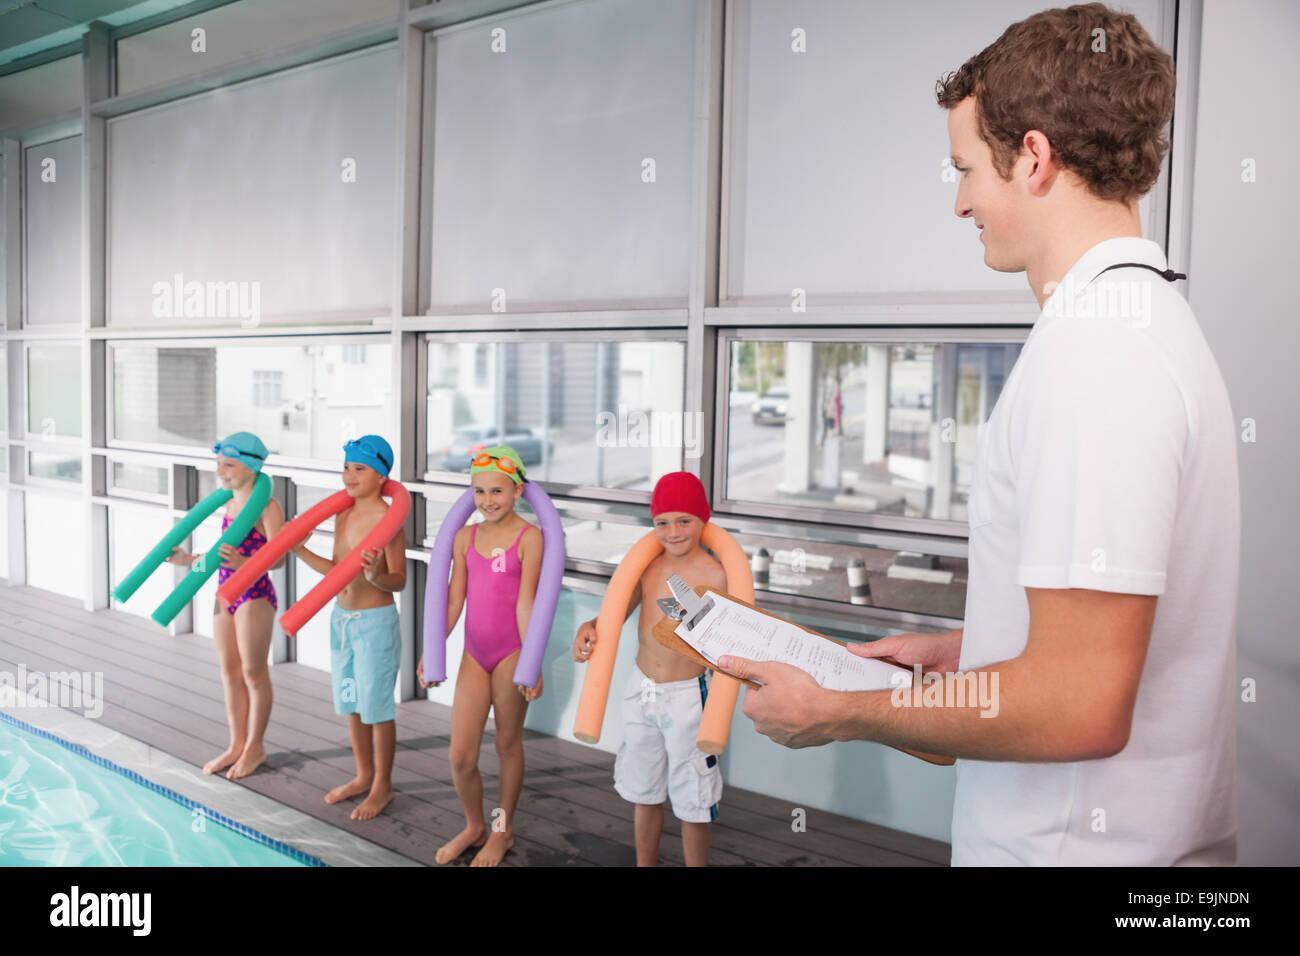 L'entraîneur de natation de la piscine holding clipboard Photo Stock